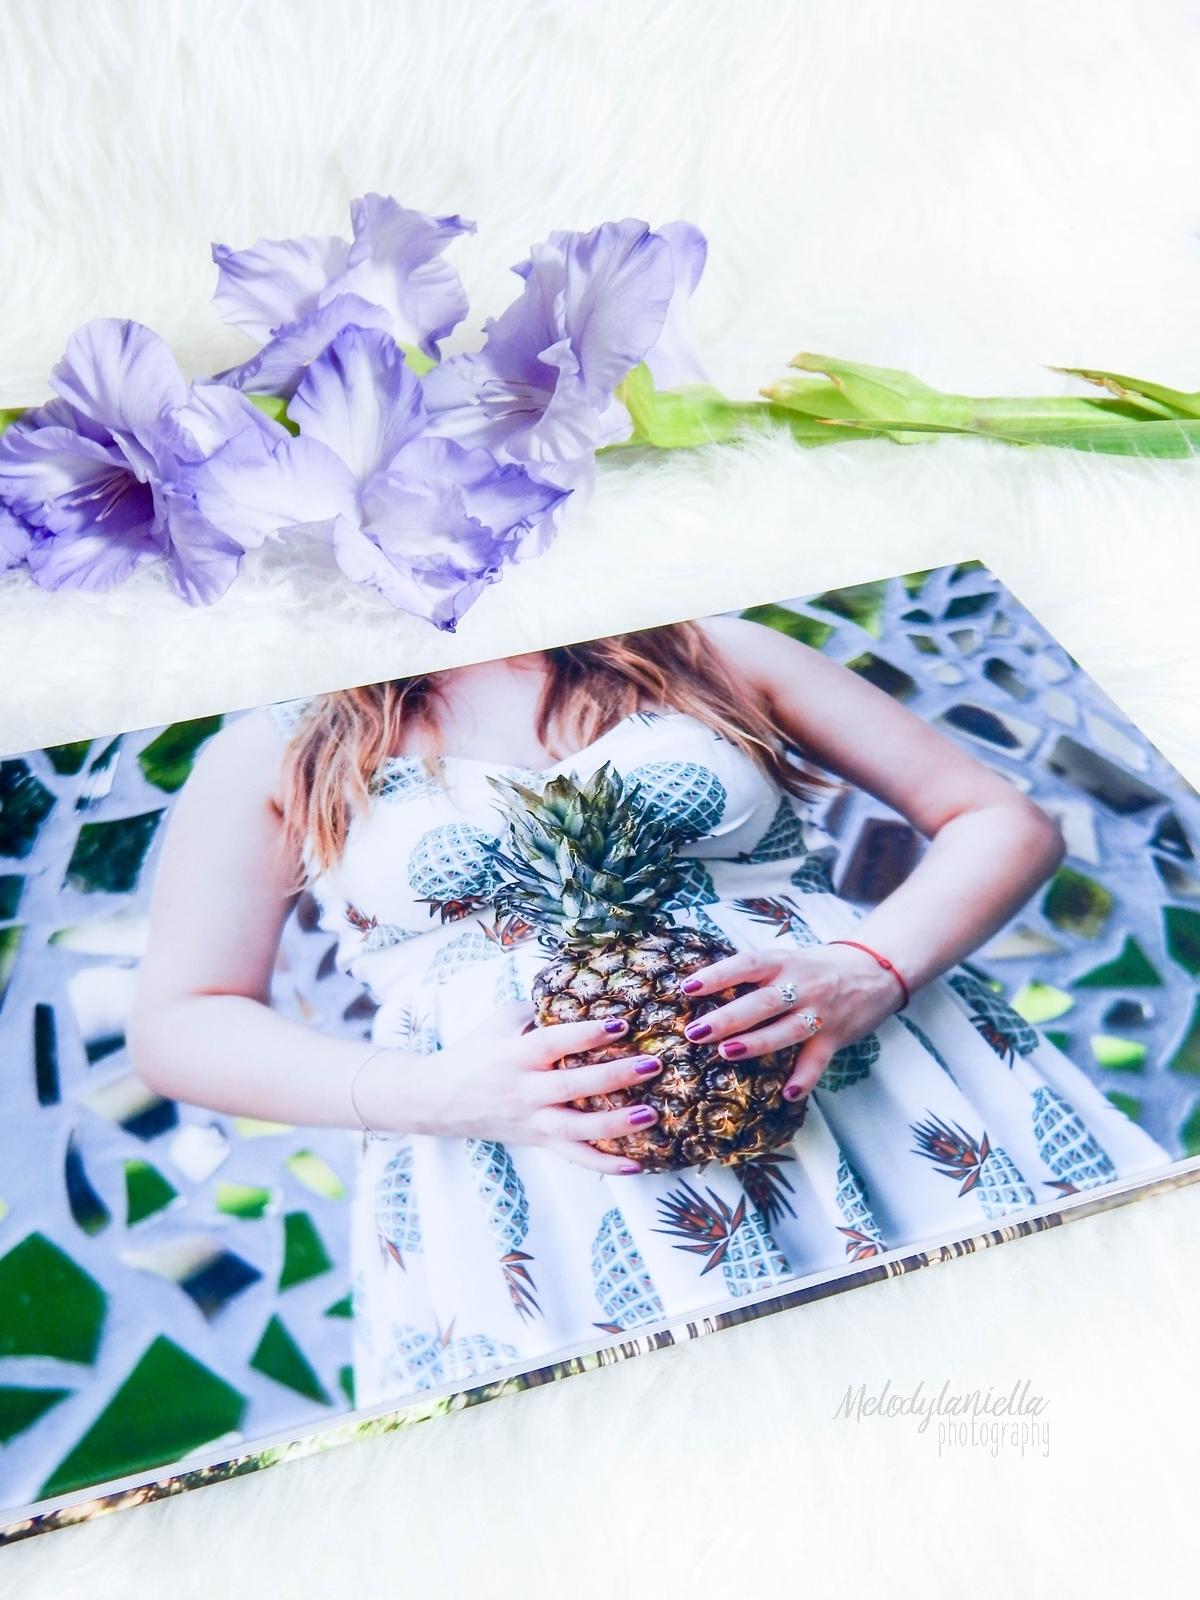 saal digital fotoksiązka recenzja melodylaniella blog pomysl na prezent fotografia fotograficzne prezenty